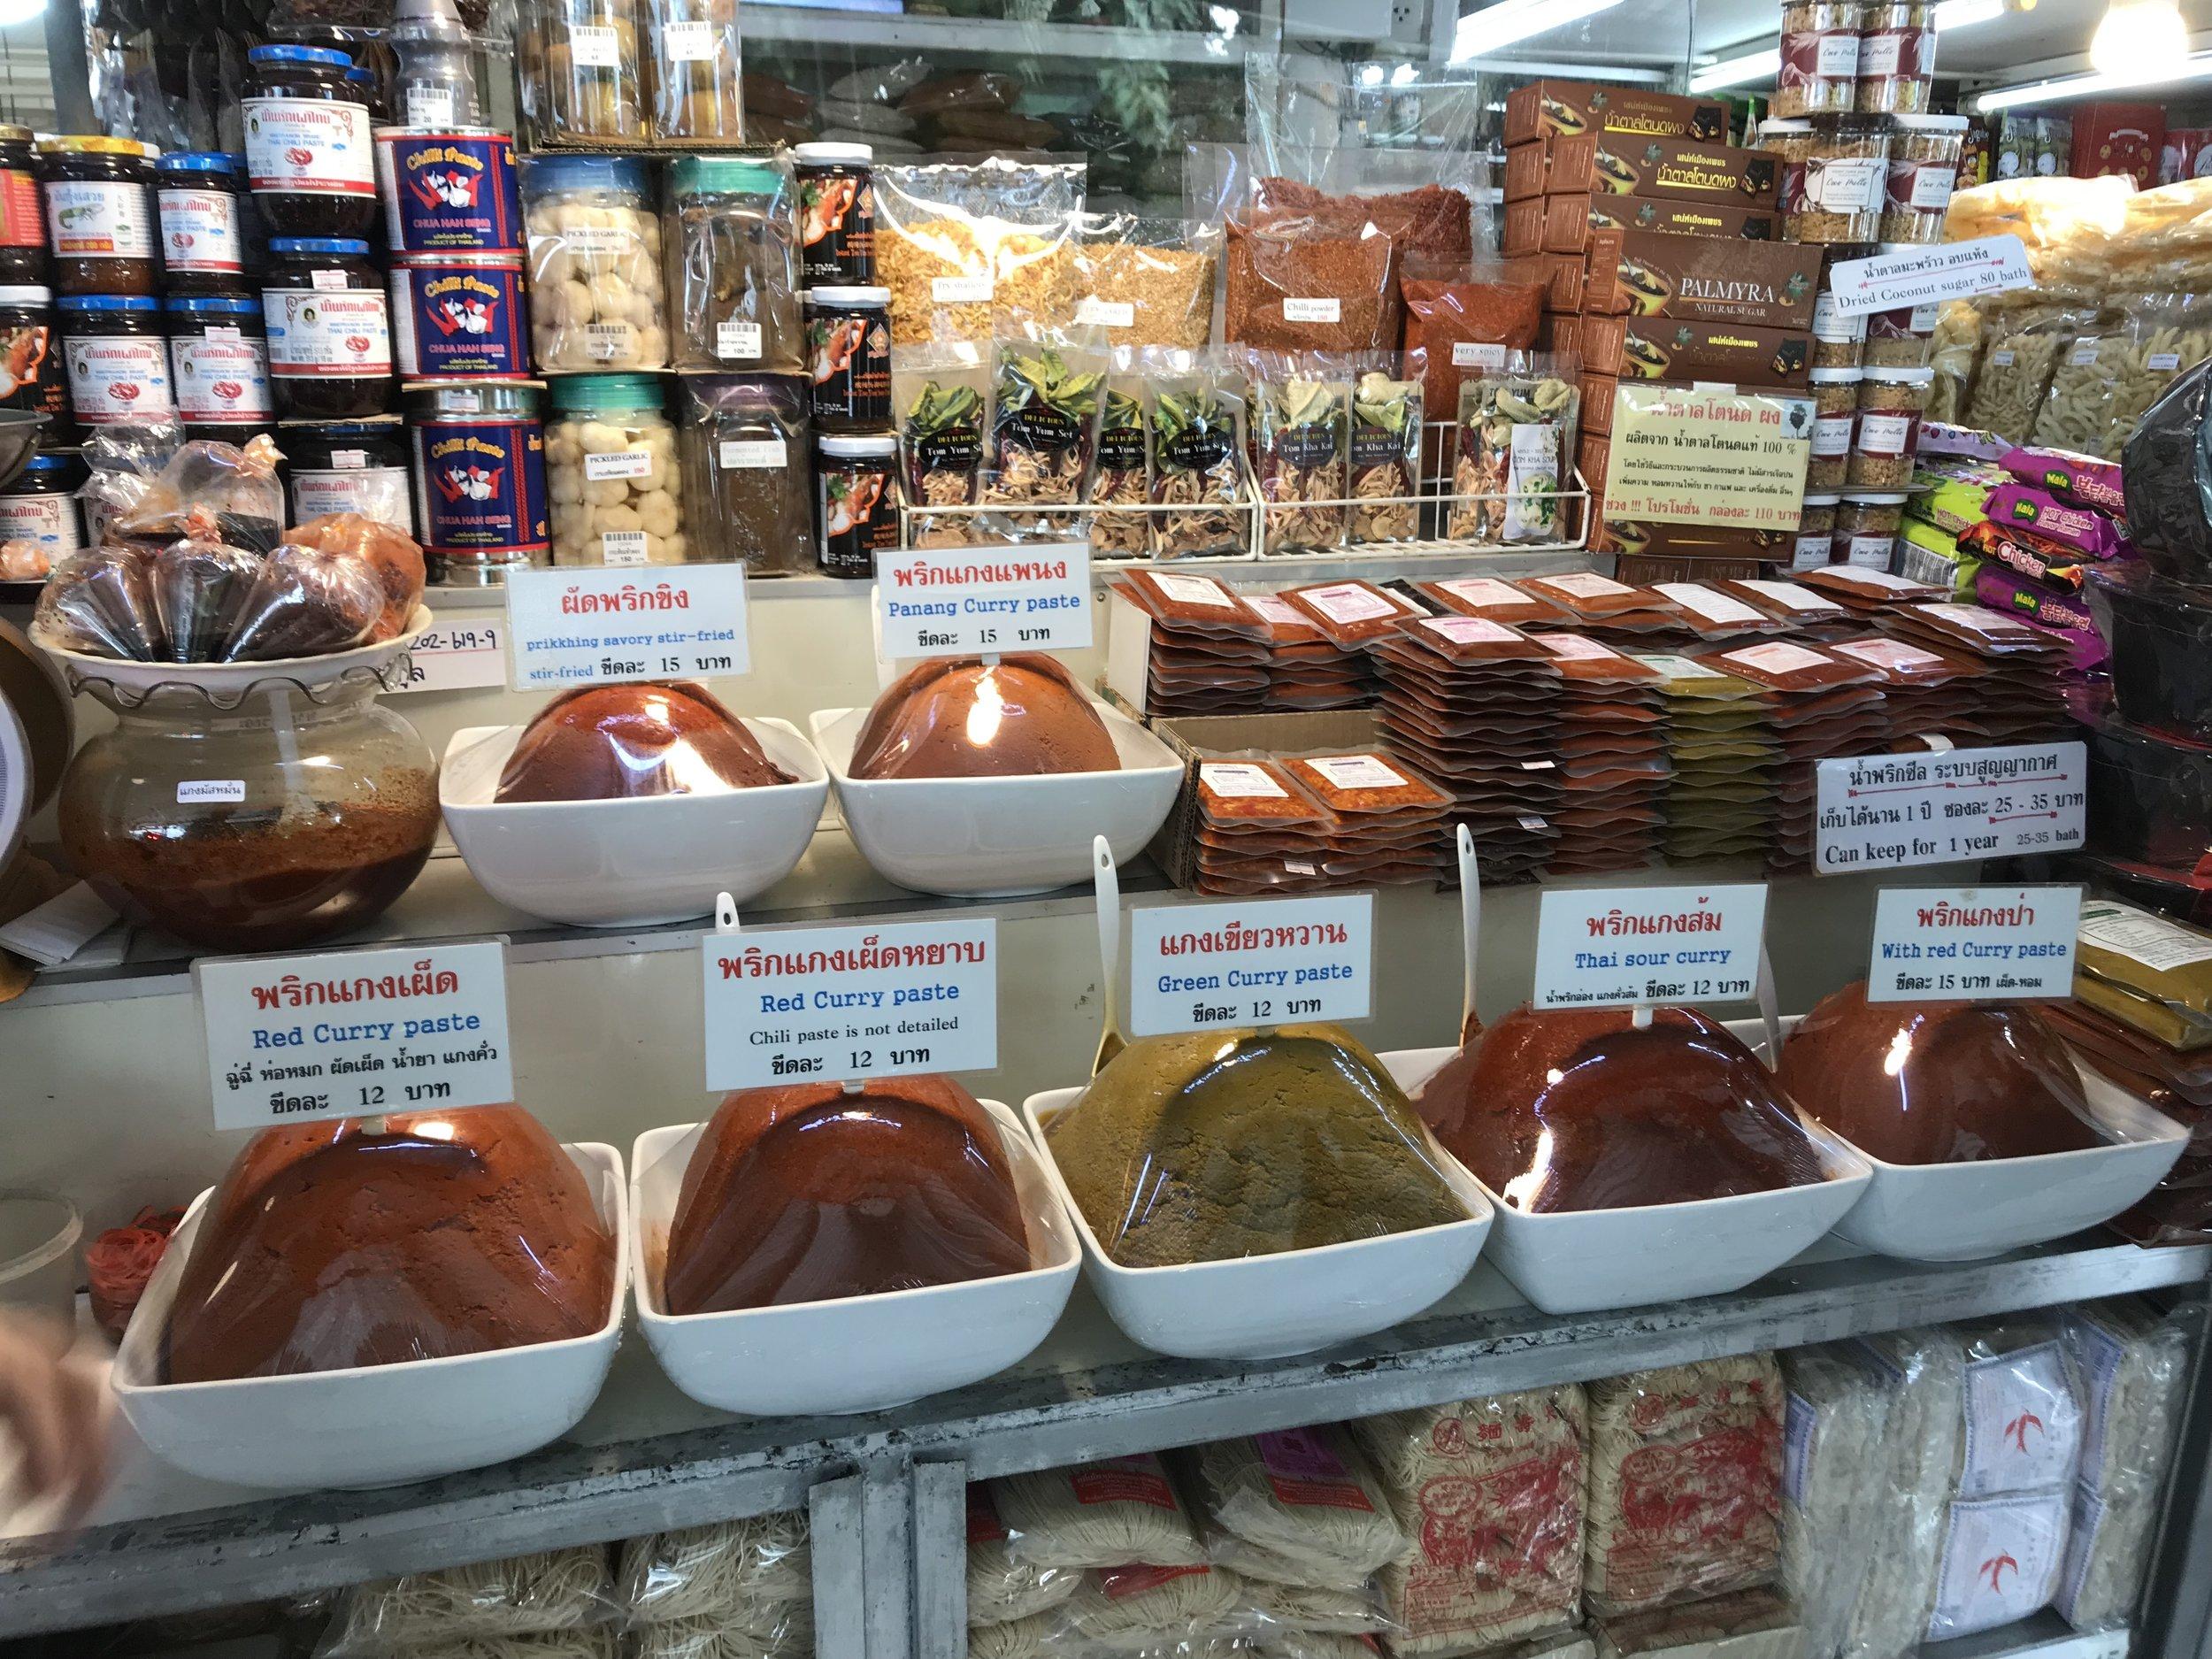 咖哩香料的種類也齊全,旅客可以購買包裝咖喱回家。 -